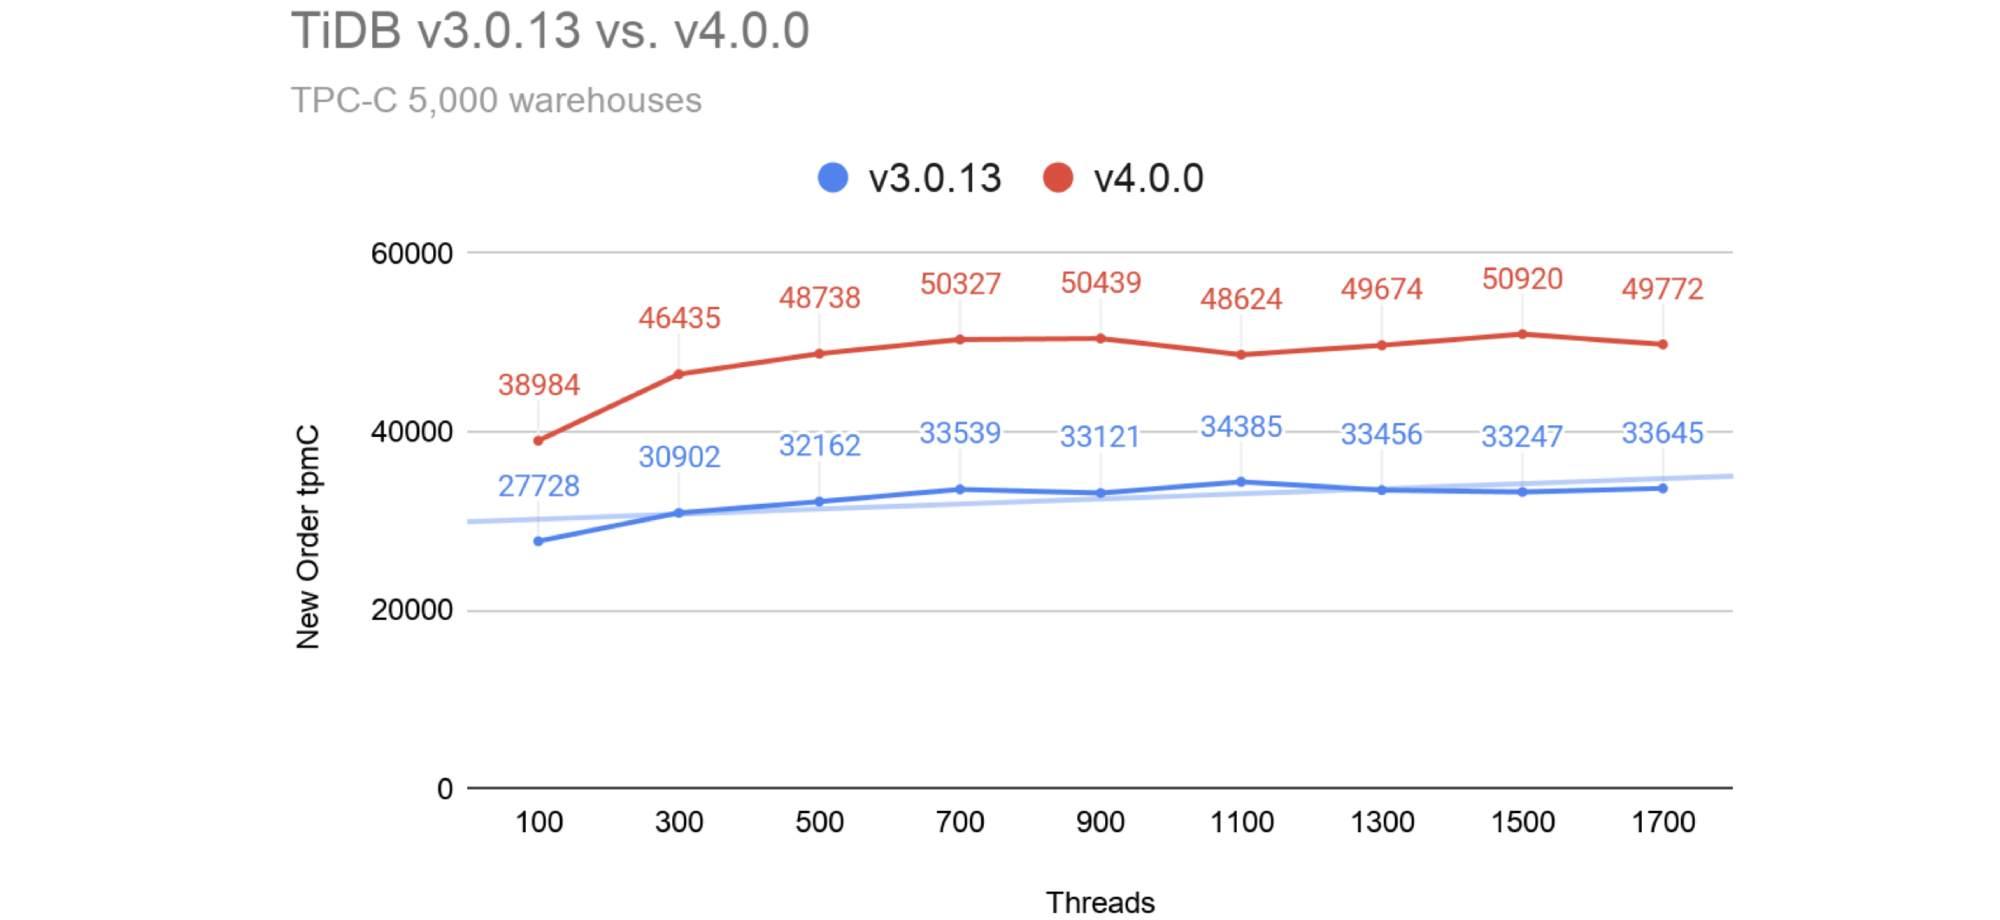 TiDB 3.0.13 vs. 4.0 for TPC-C